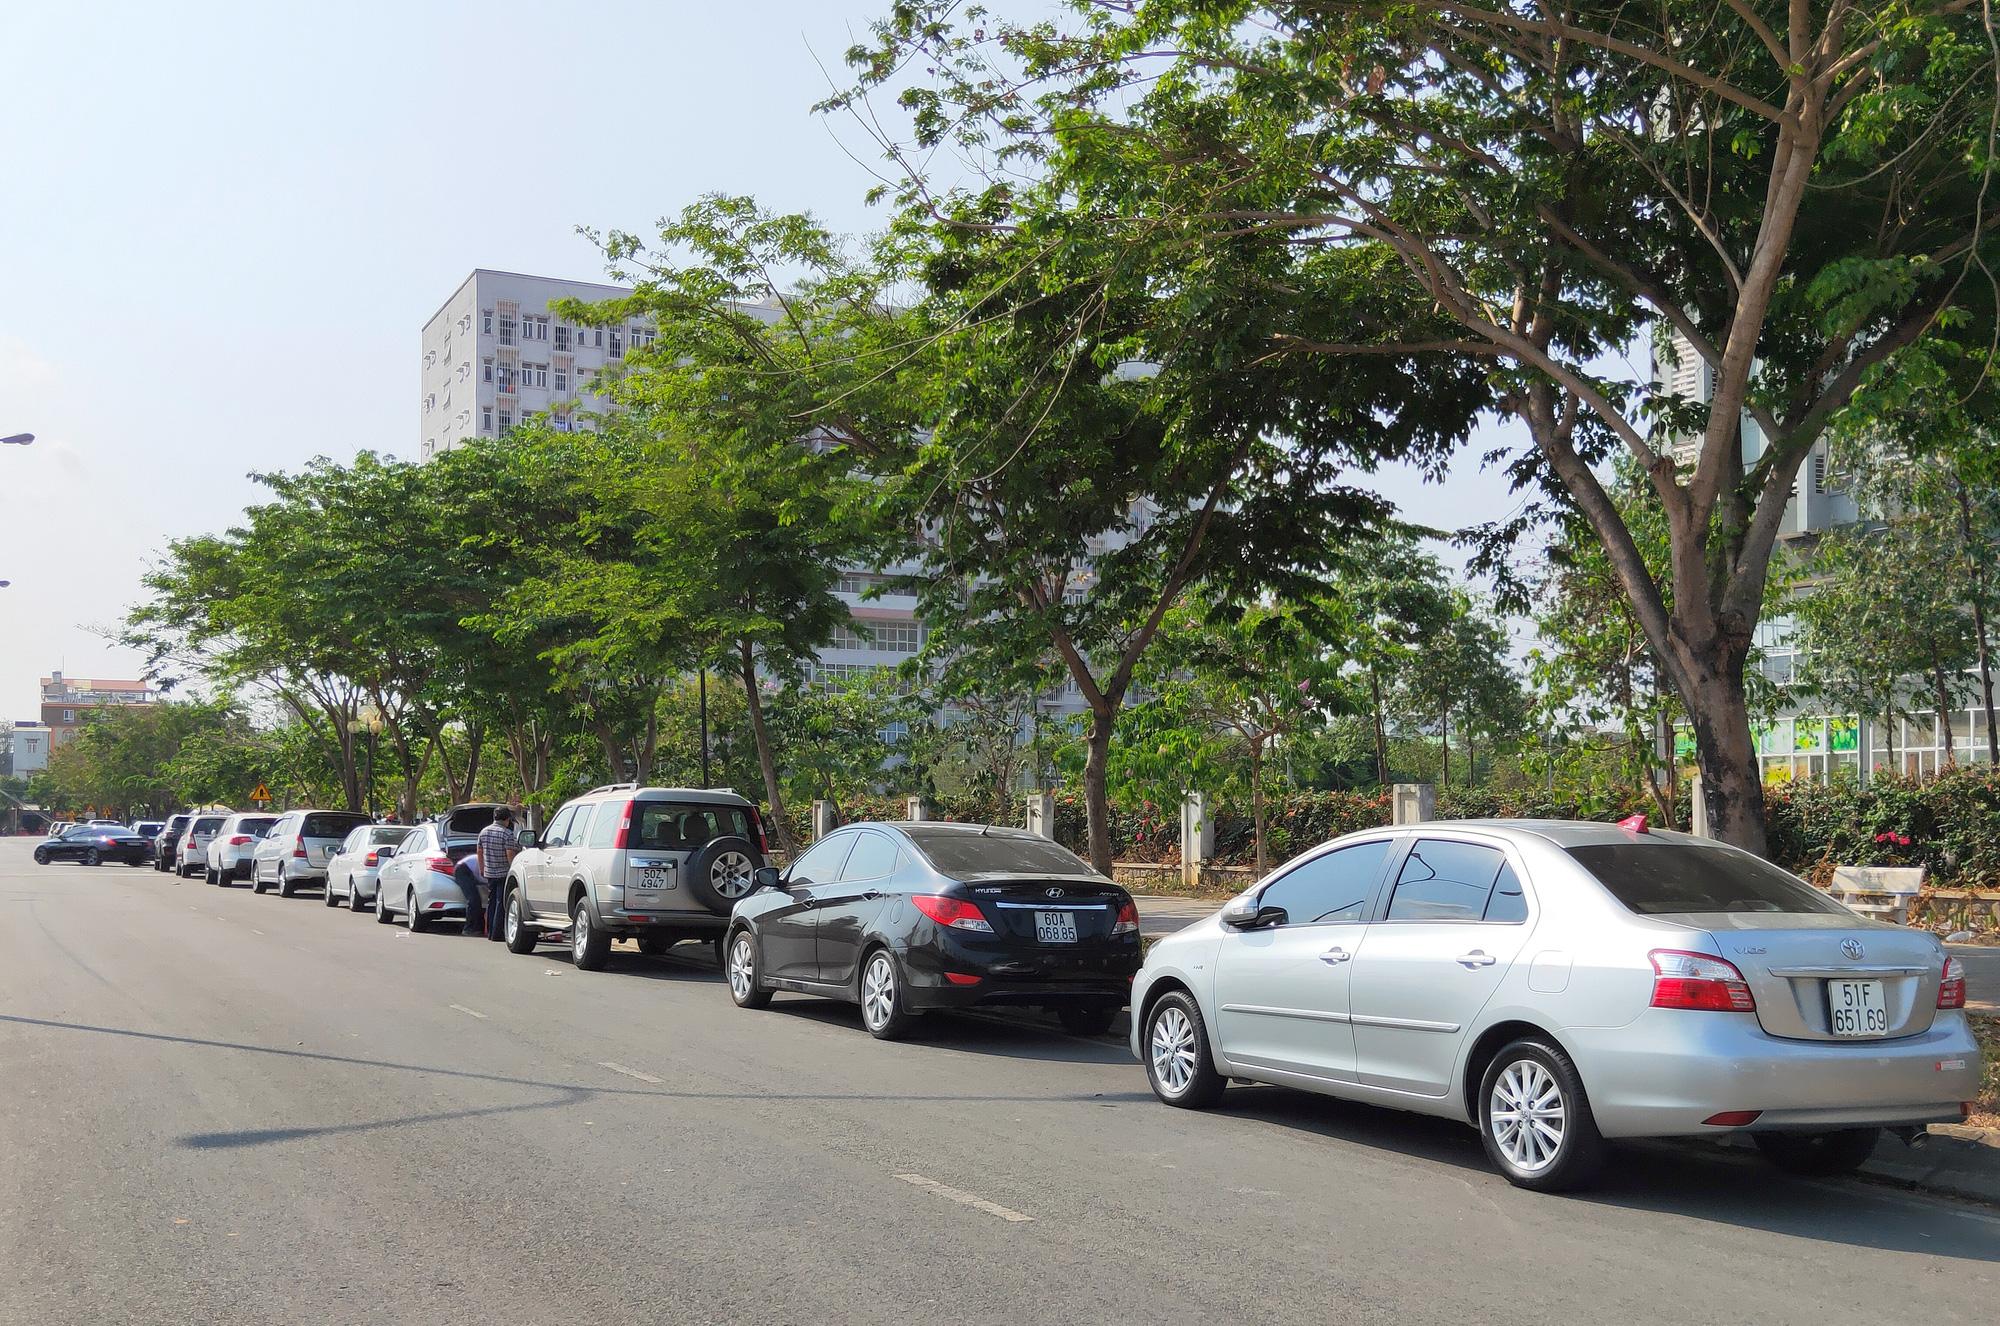 Hàng trăm người đội nắng để gửi đồ cho thân nhân trong khu cách li tại kí túc xá Đại học Quốc gia TP HCM - Ảnh 8.